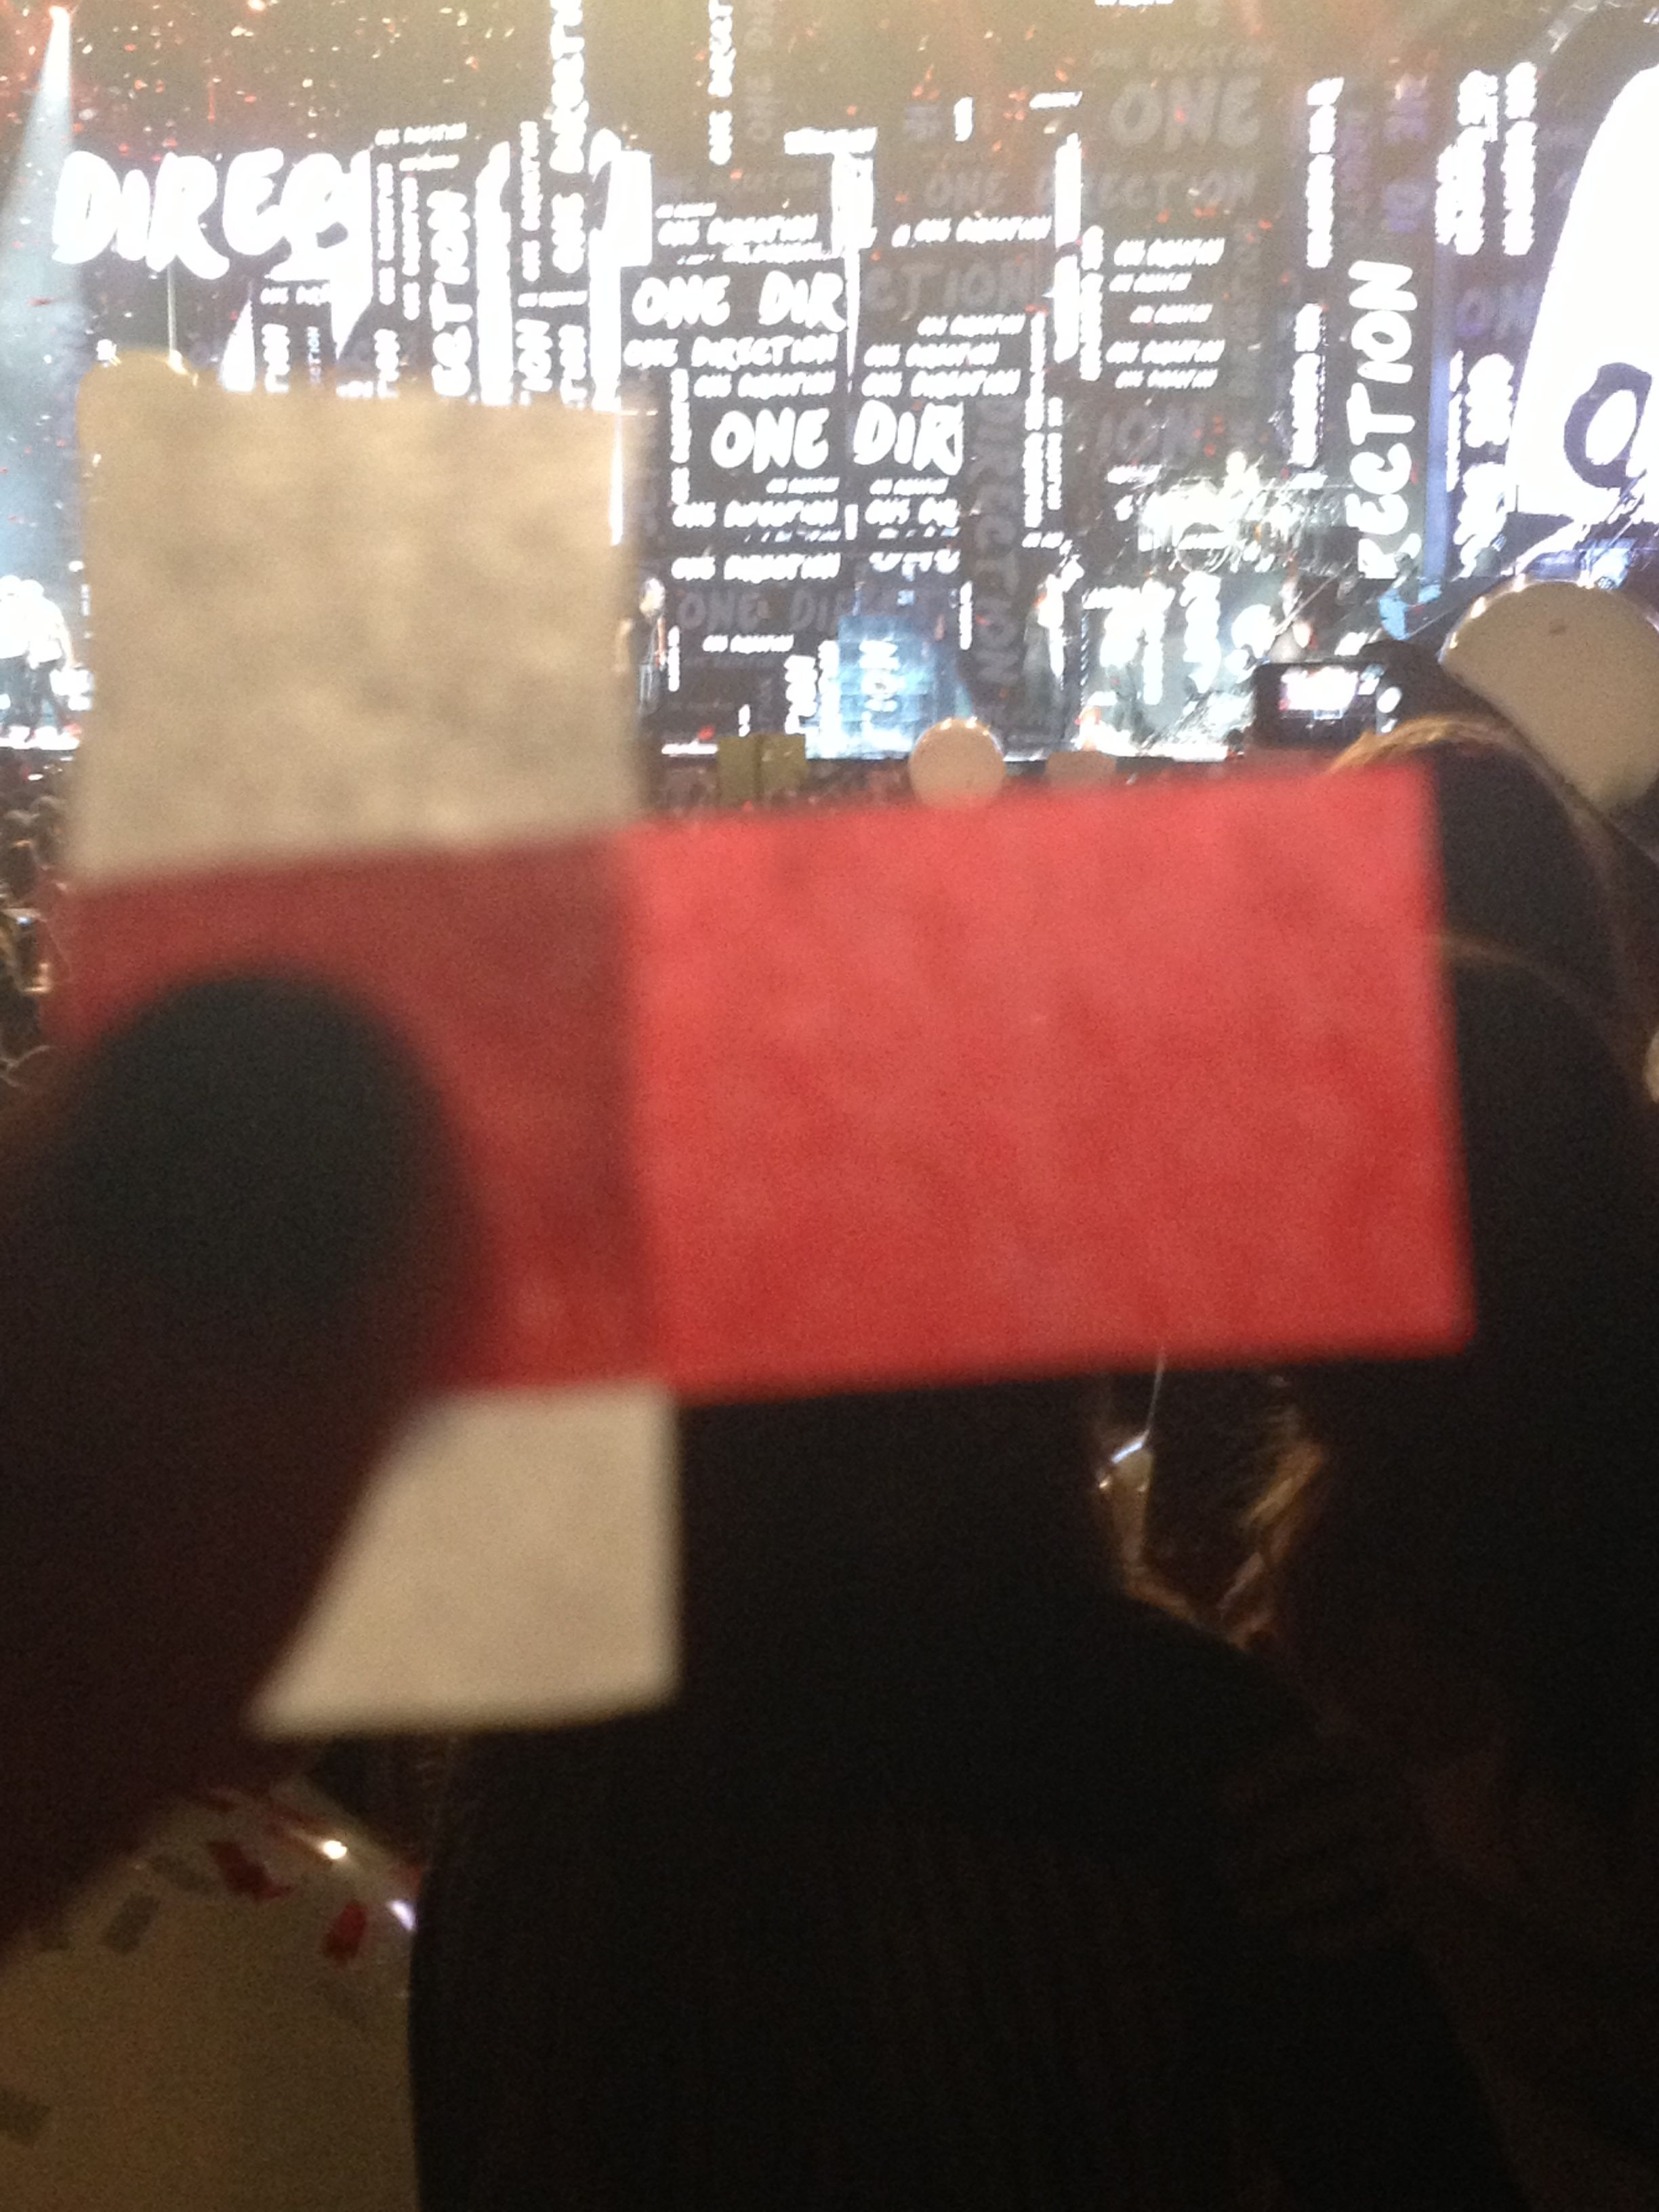 Caught some confetti (: